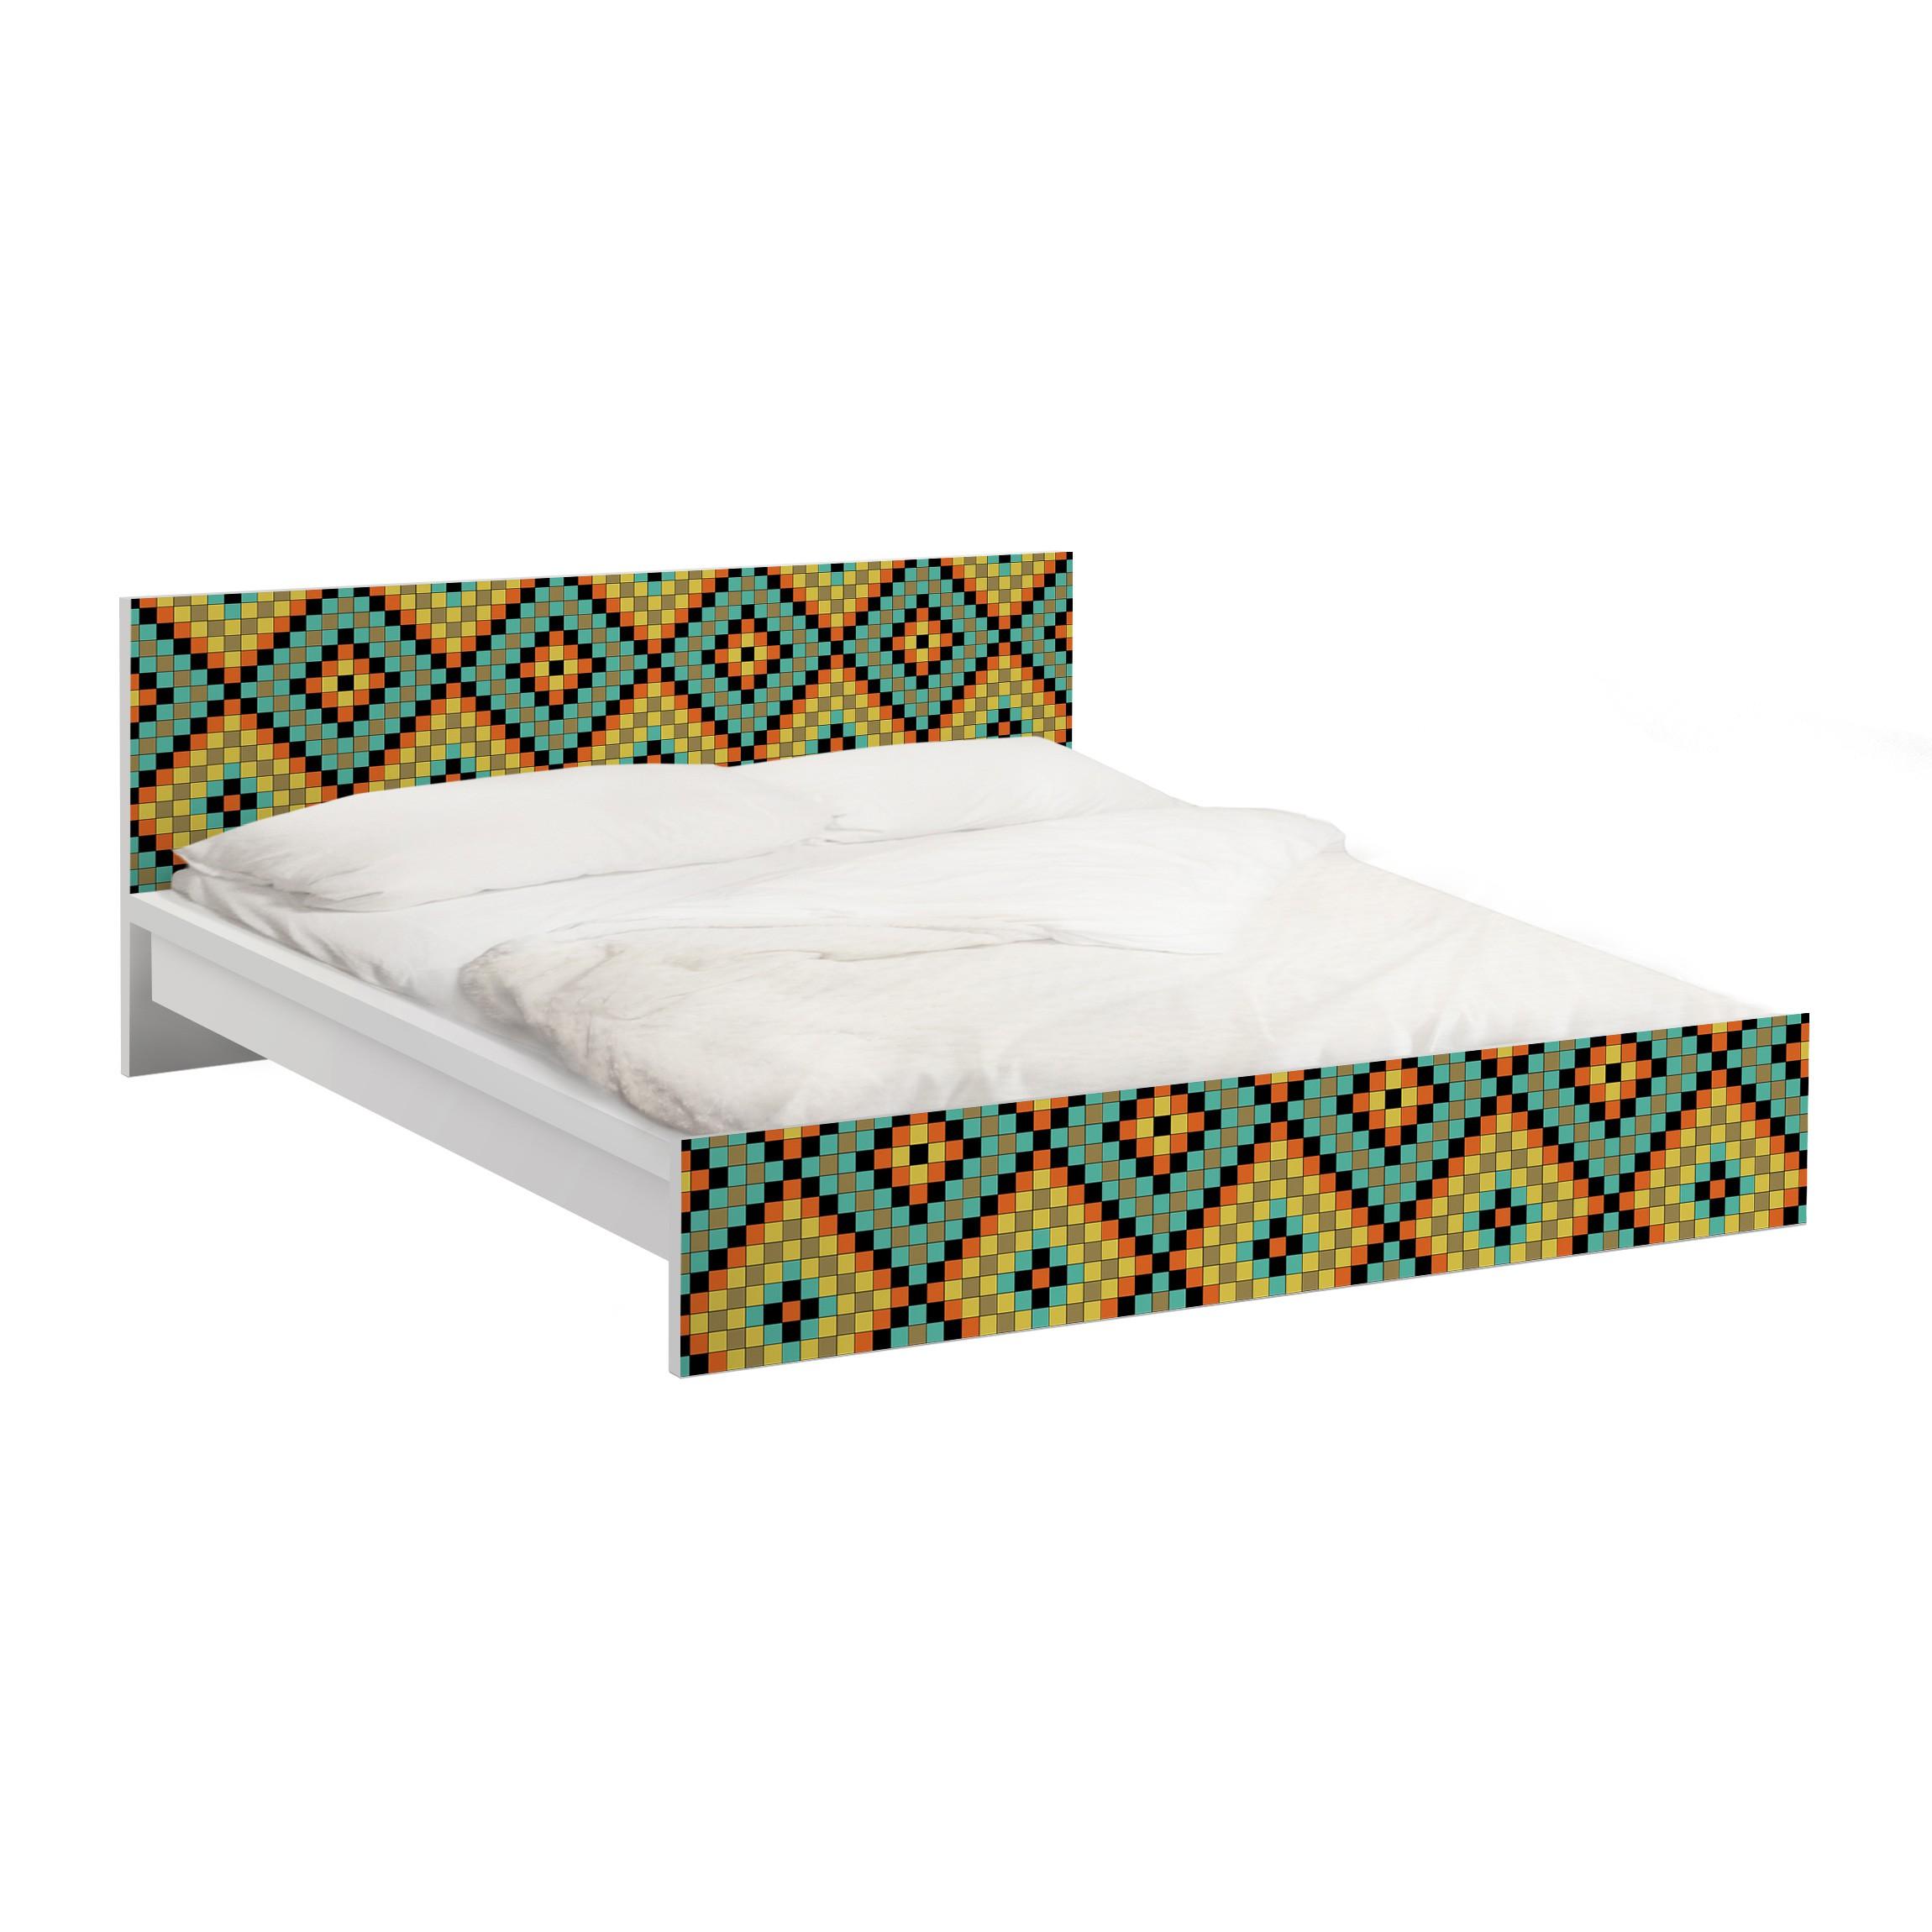 Carta adesiva per mobili ikea malm letto basso 160x200cm colorful mosaic - Mobili letto ikea ...